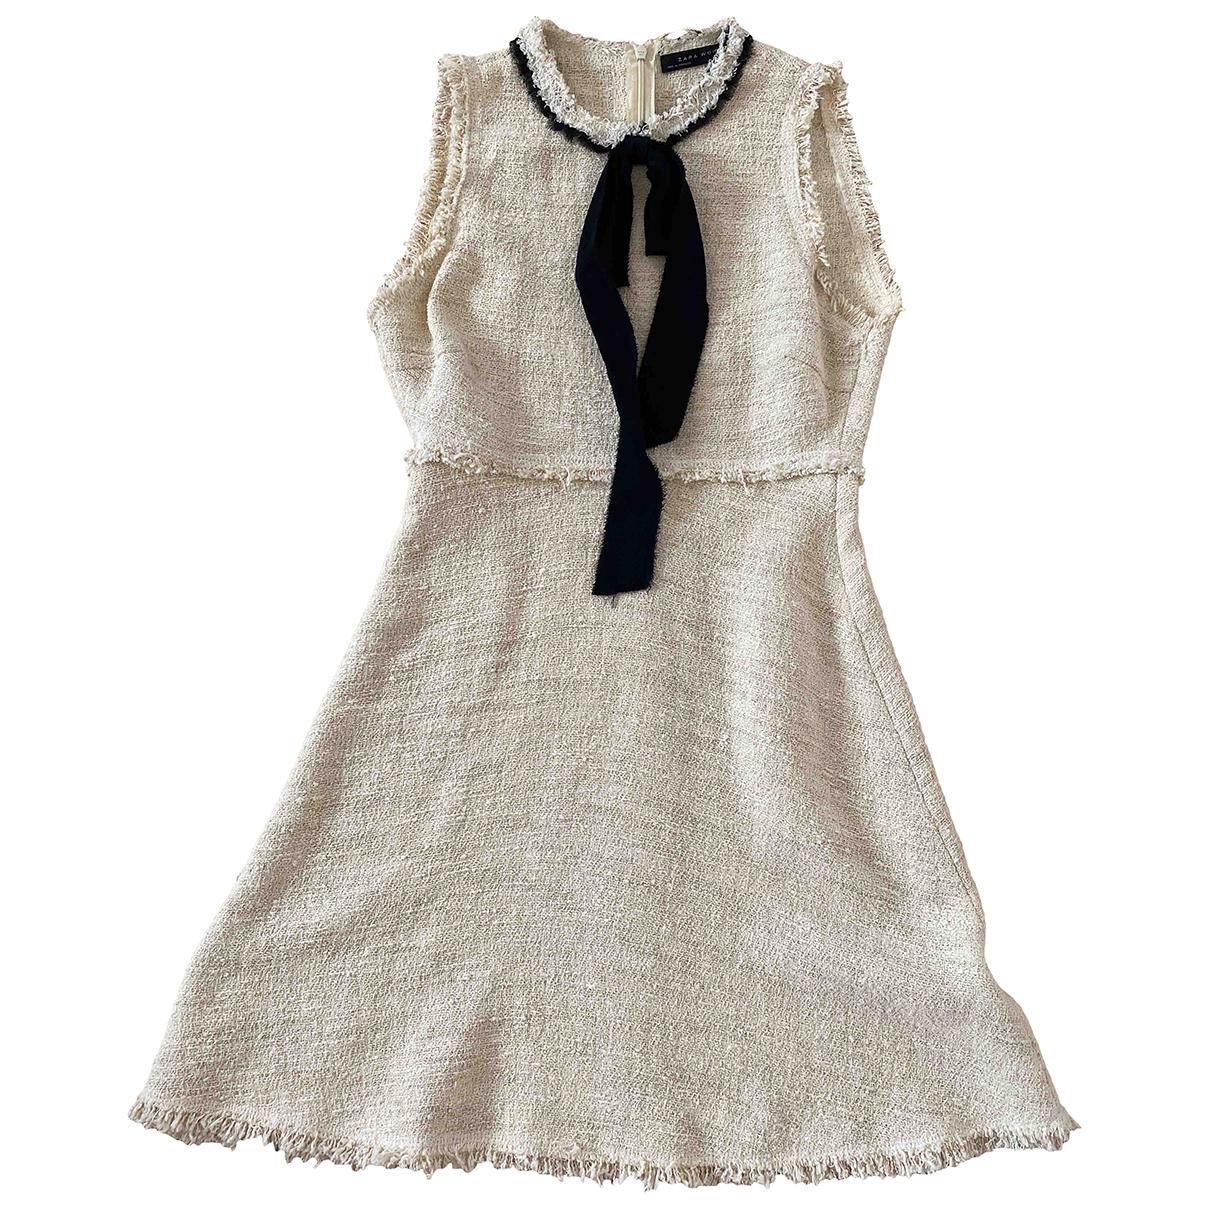 Zara \N Beige Tweed dress for Women 34 FR